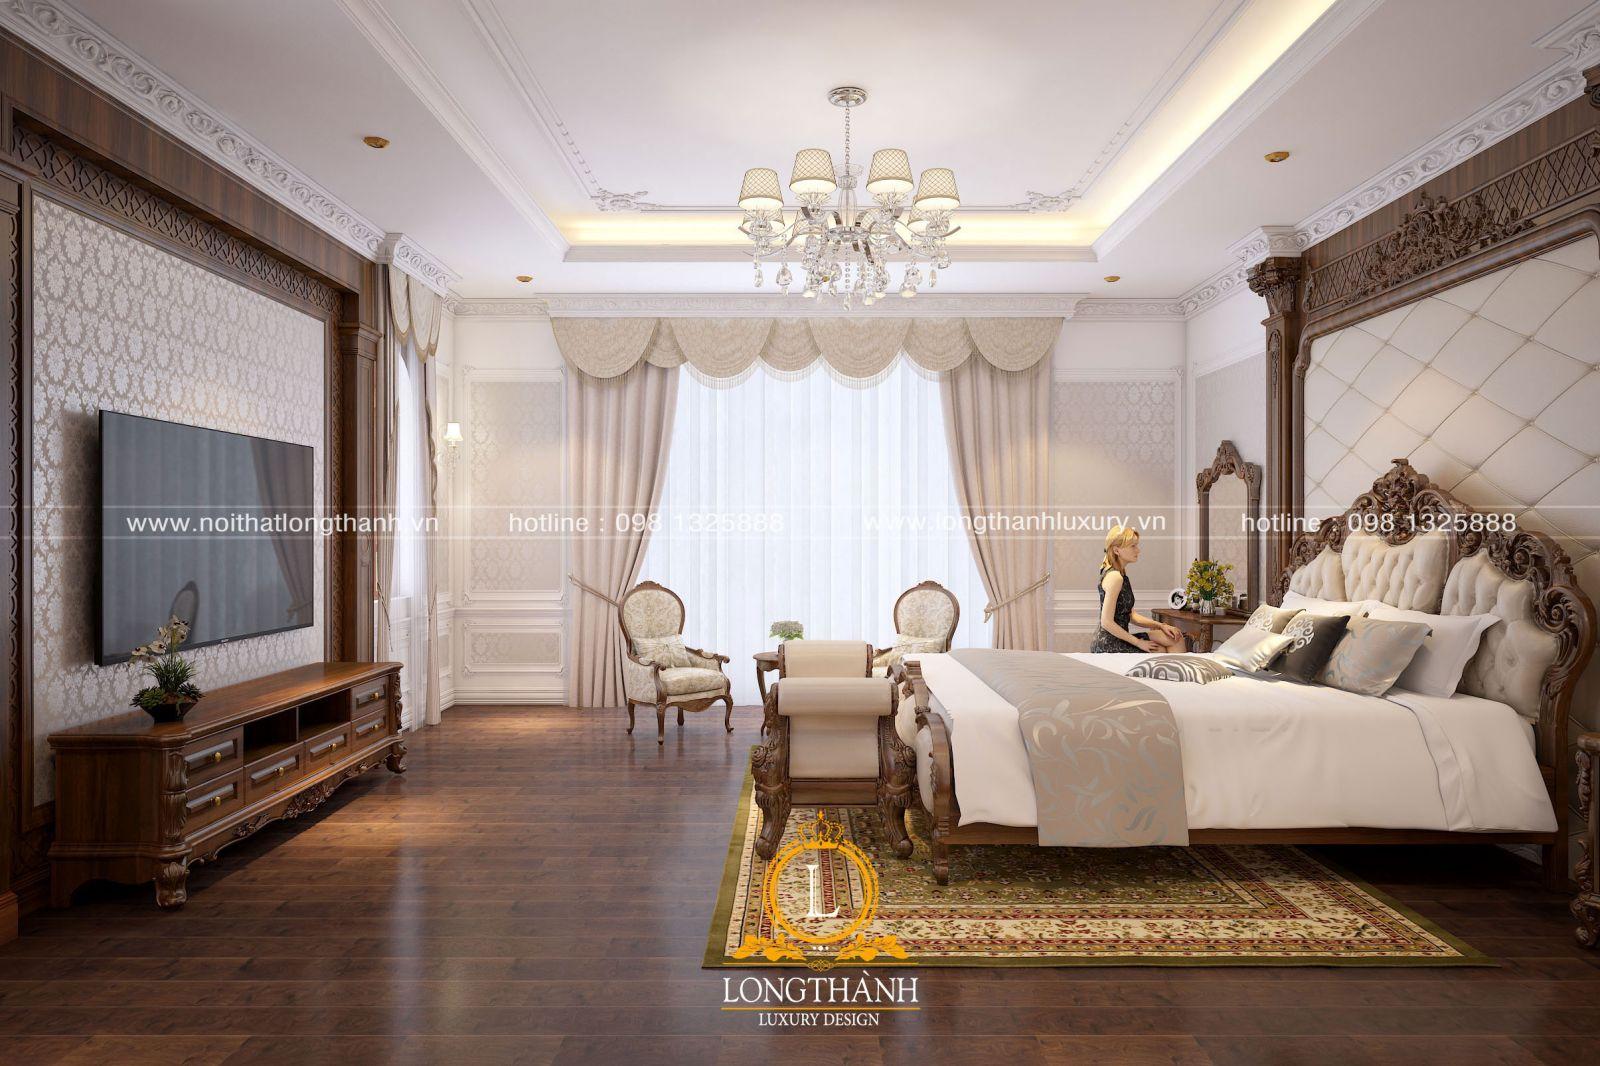 Nội thất phòng ngủ nhà biệt thự đầy đủ tiện nghi với chất liệu gỗ tự nhiên cao cấp